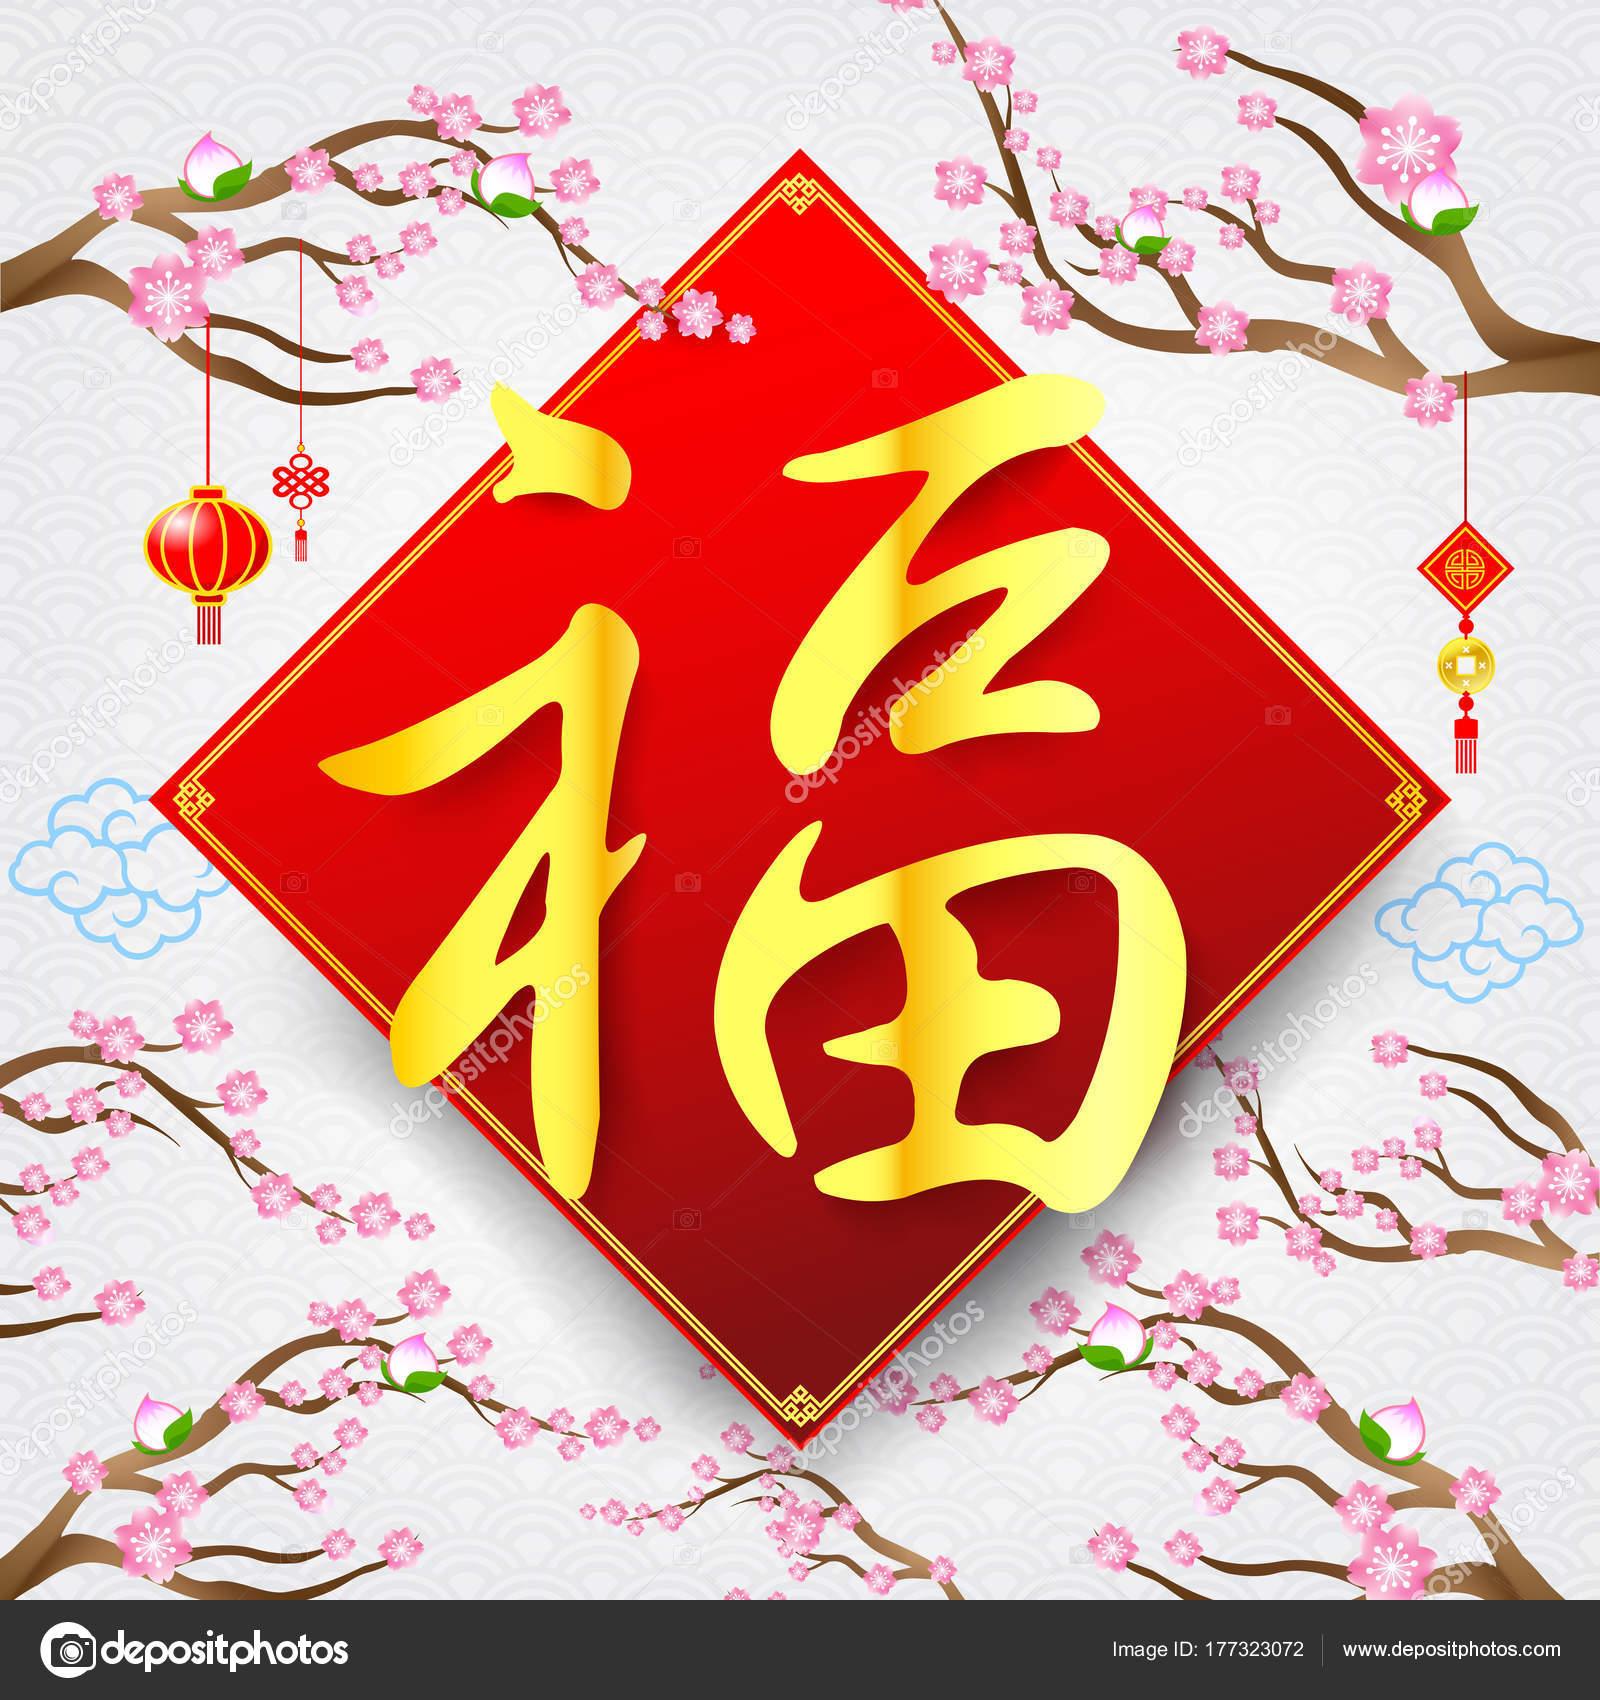 вашему китайские пожелания счастья том, как блестящий